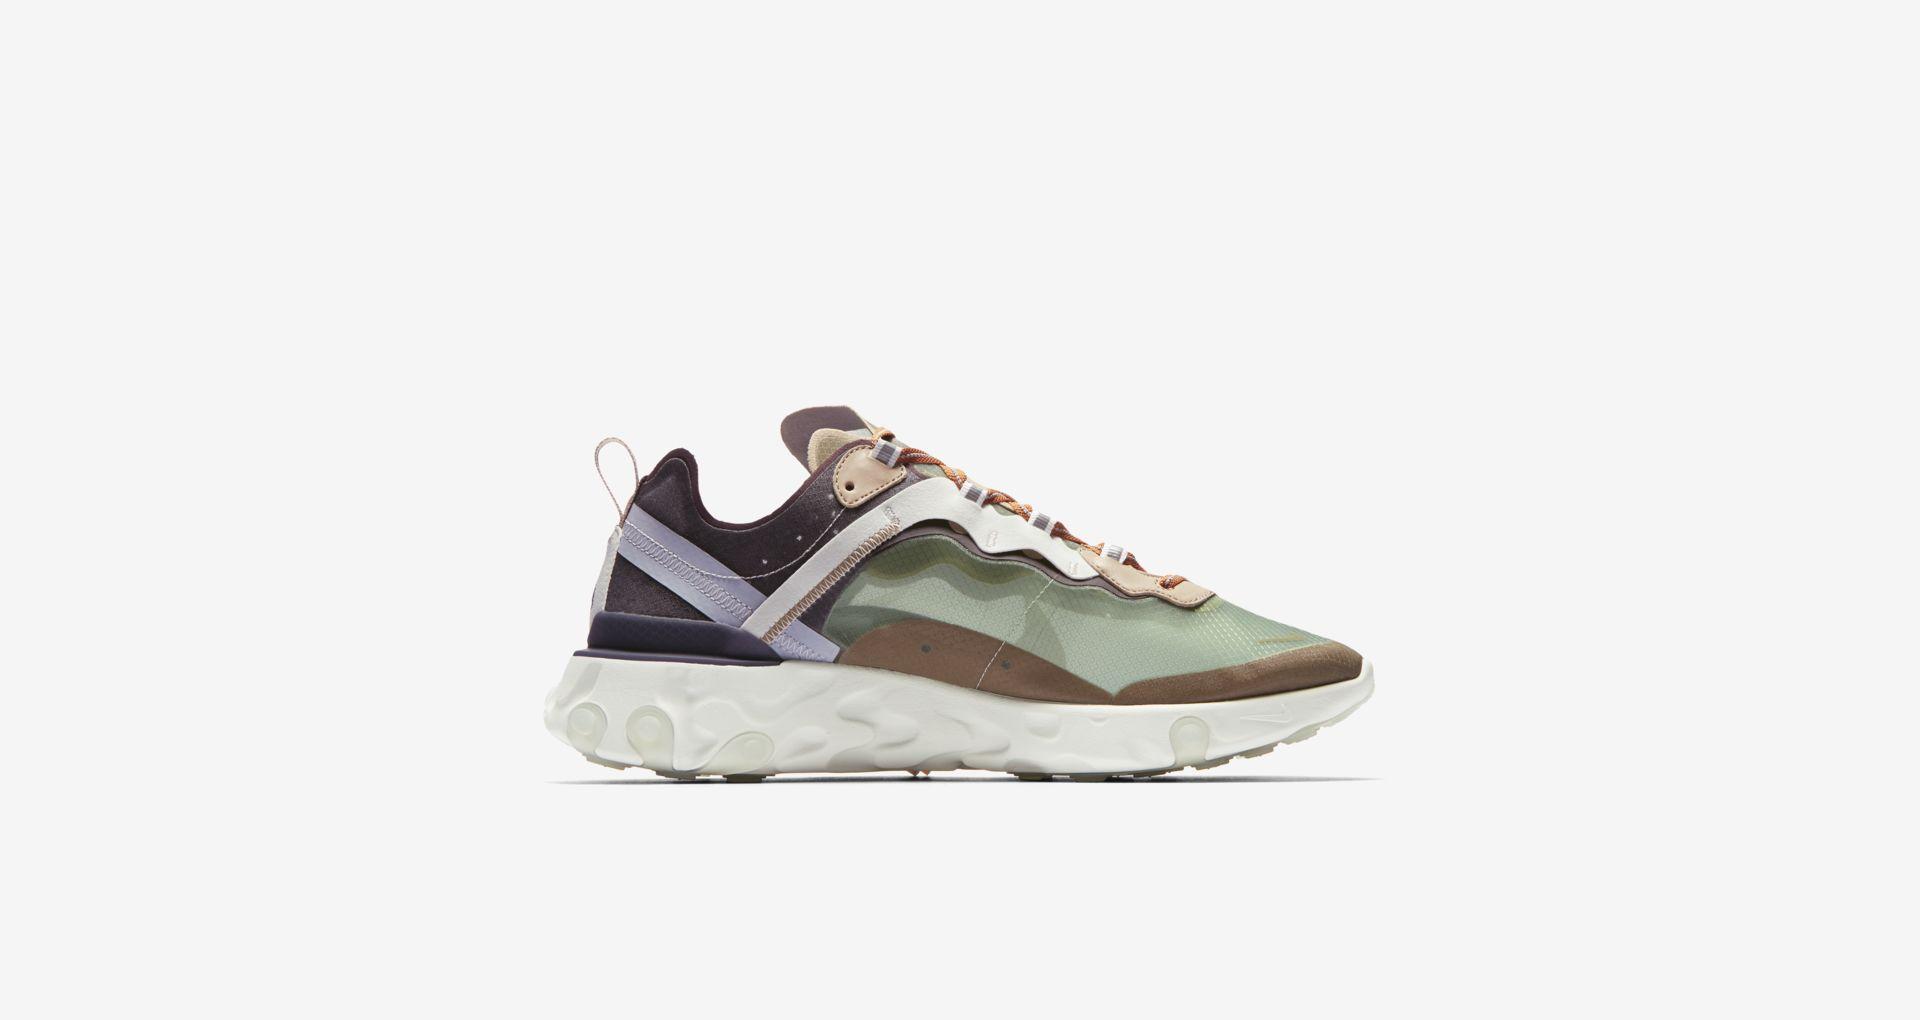 BQ2718 300 Undercover x Nike React Element 87 Green Mist 4